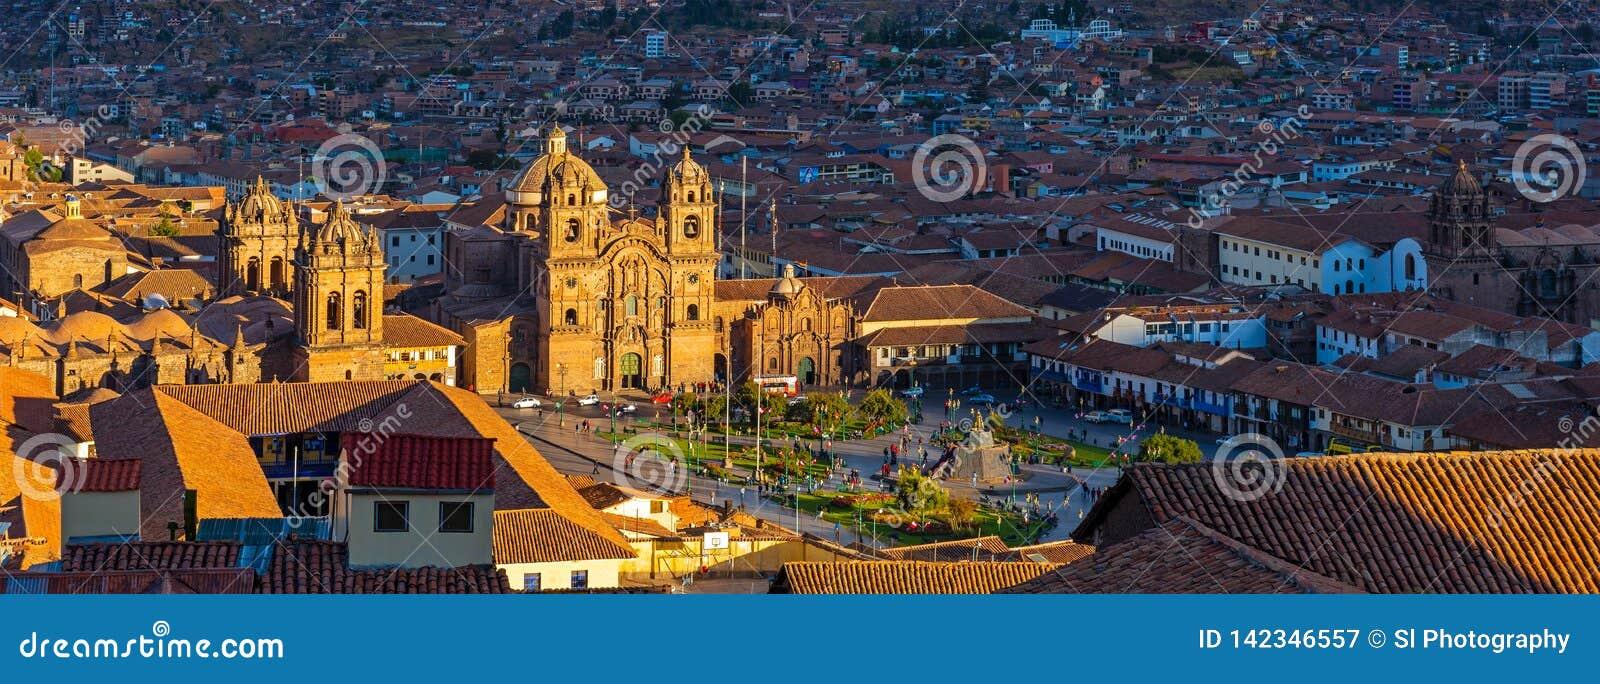 Городской пейзаж Cusco на заходе солнца, Перу